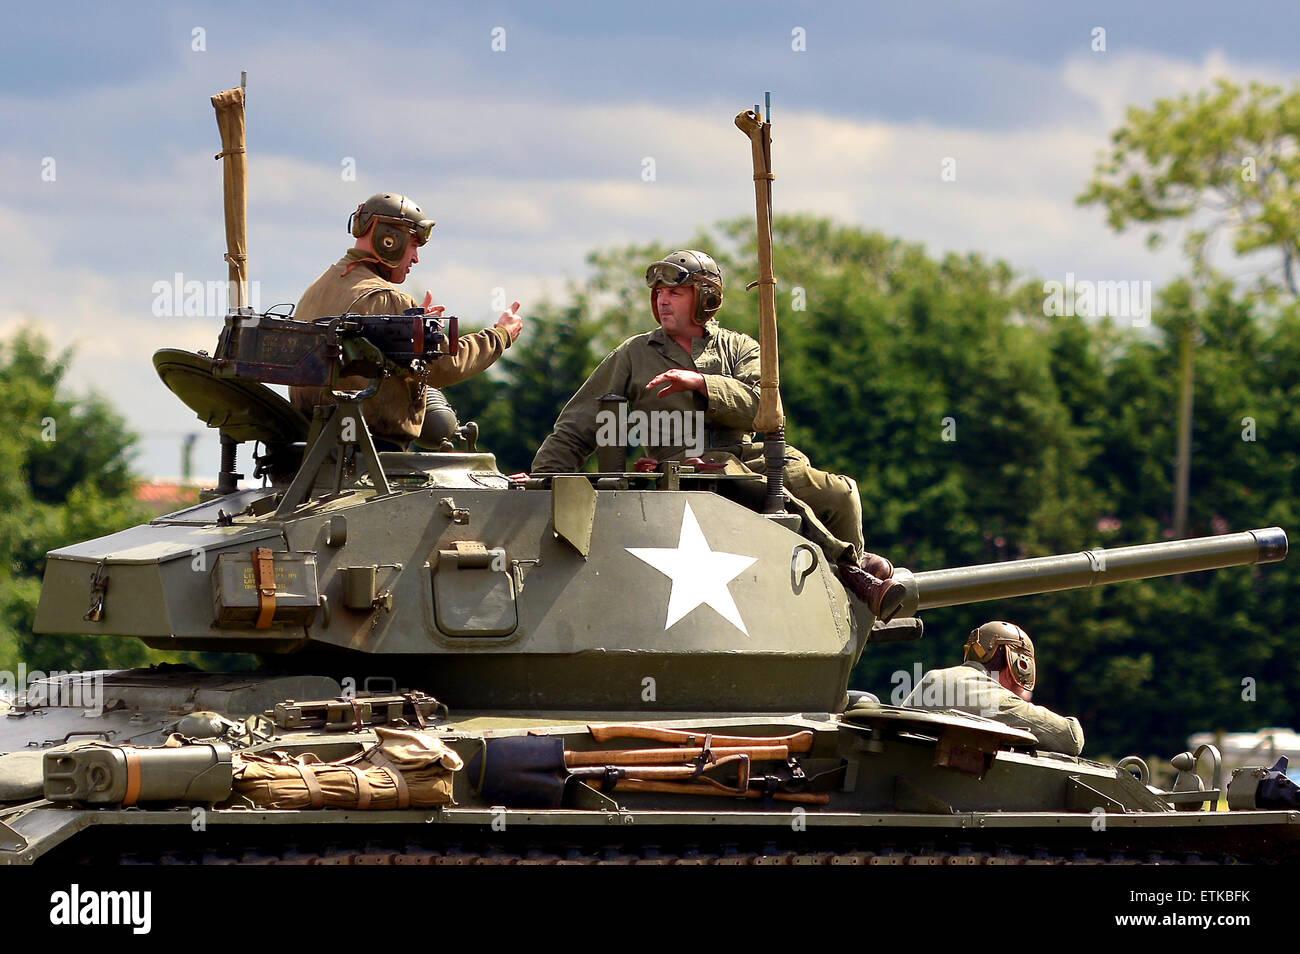 Weltkrieg zwei amerikanischen Chaffee Panzer und Crew, Weltkrieg zwei Tank-Anzeige auf dem Croft-Nostalgie-Festival Stockbild